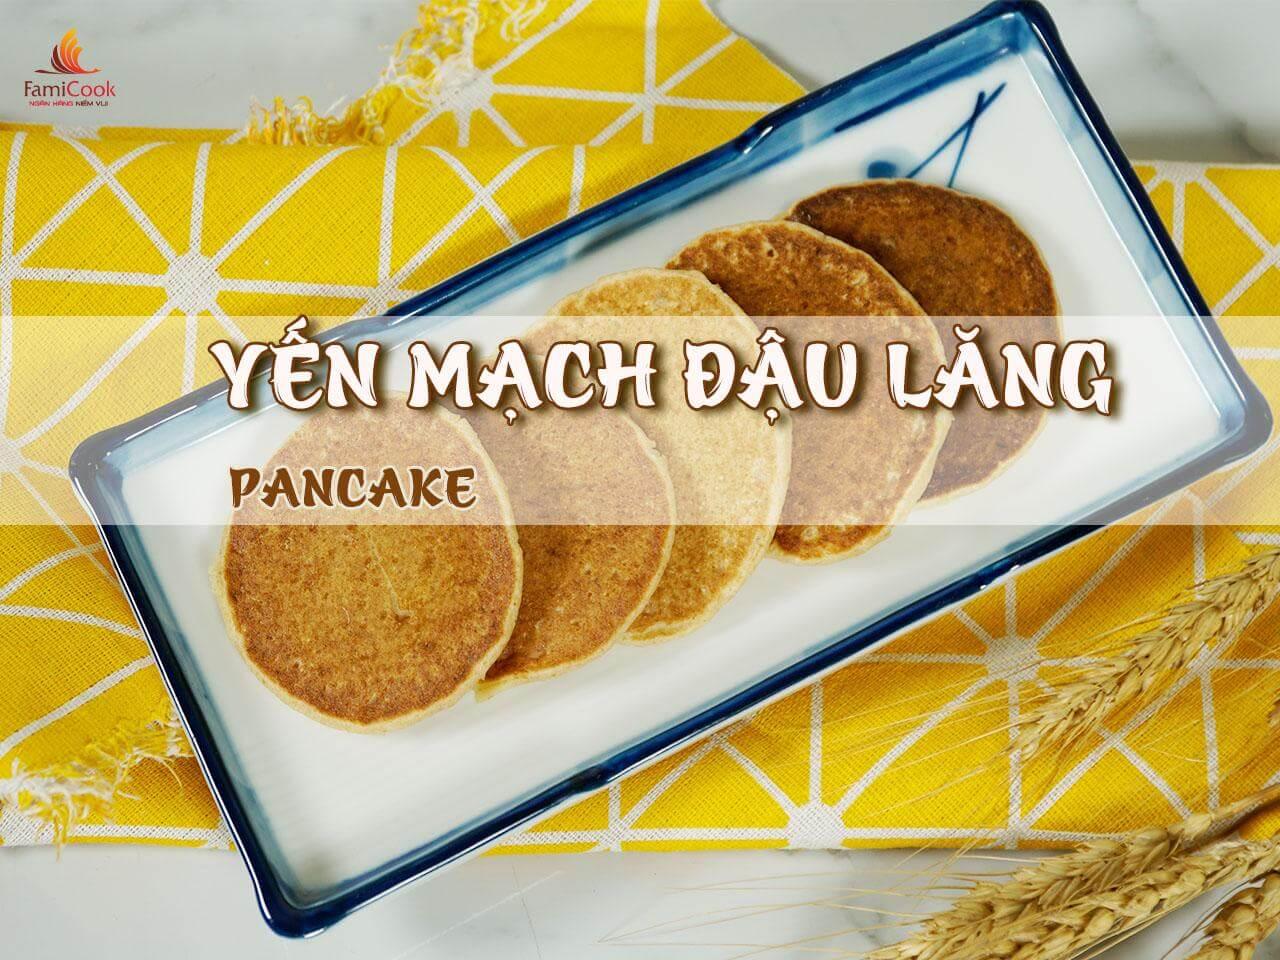 bánh pancake yến mạch đậu lăng chà là